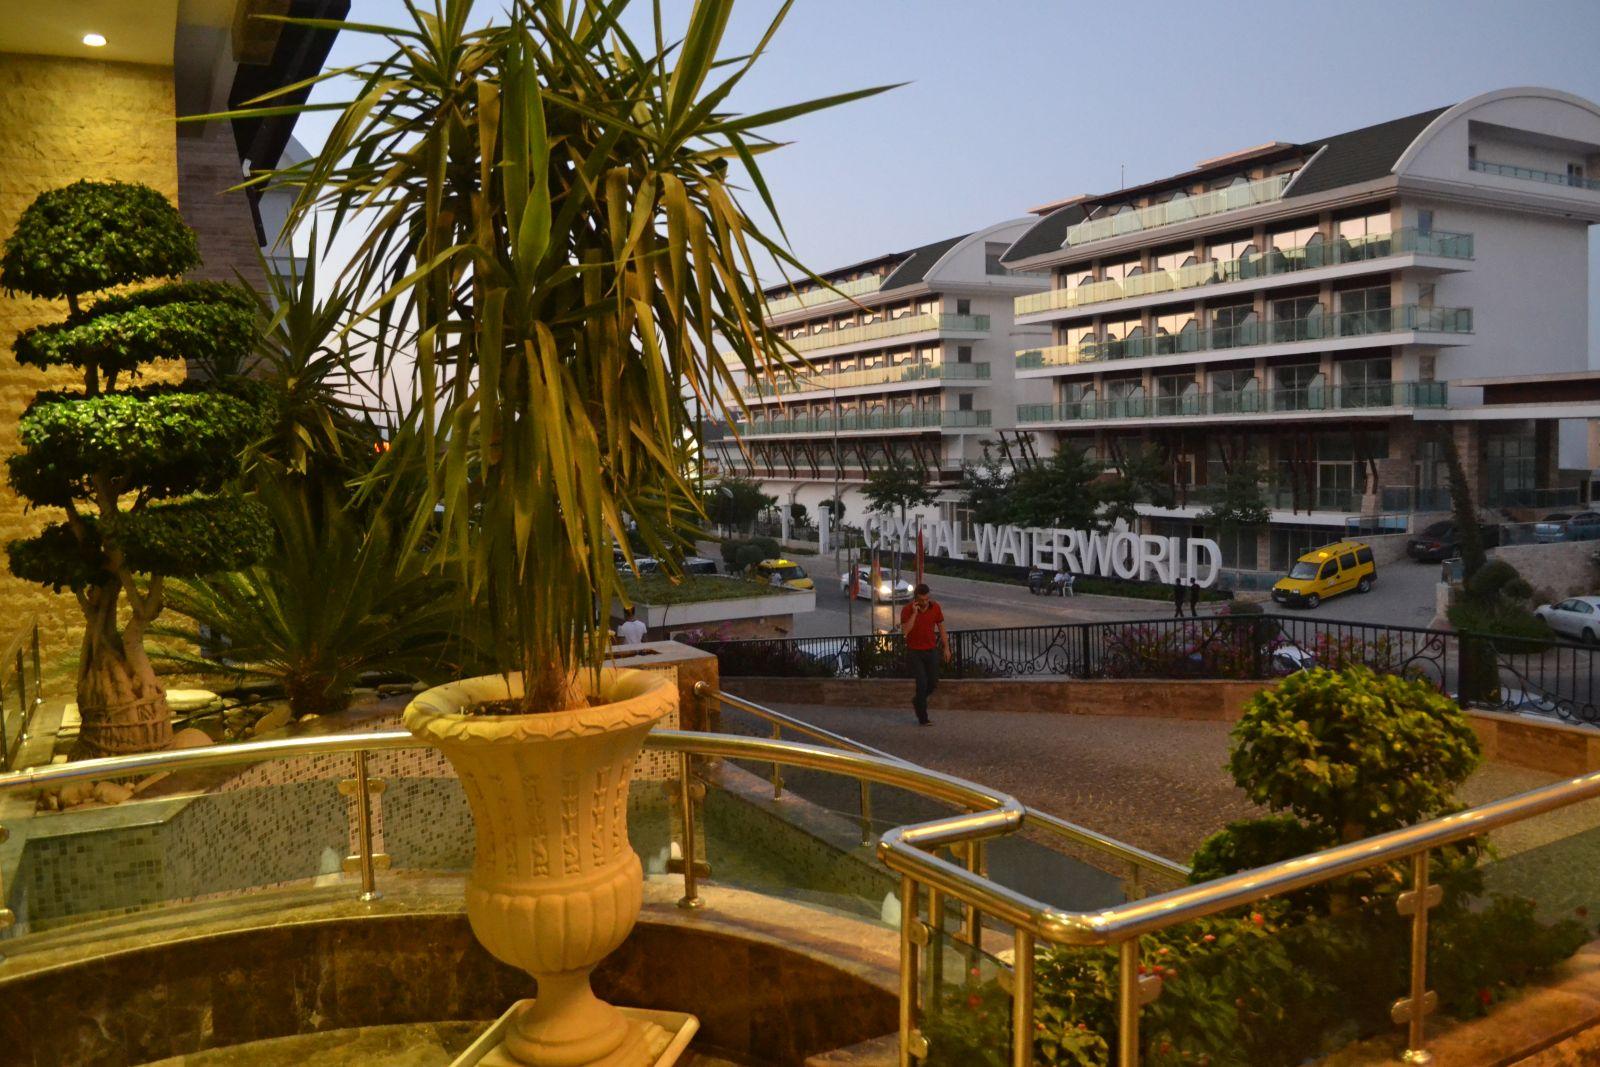 Отель и получив французскую визу отправляться в путь бесспорно удобно